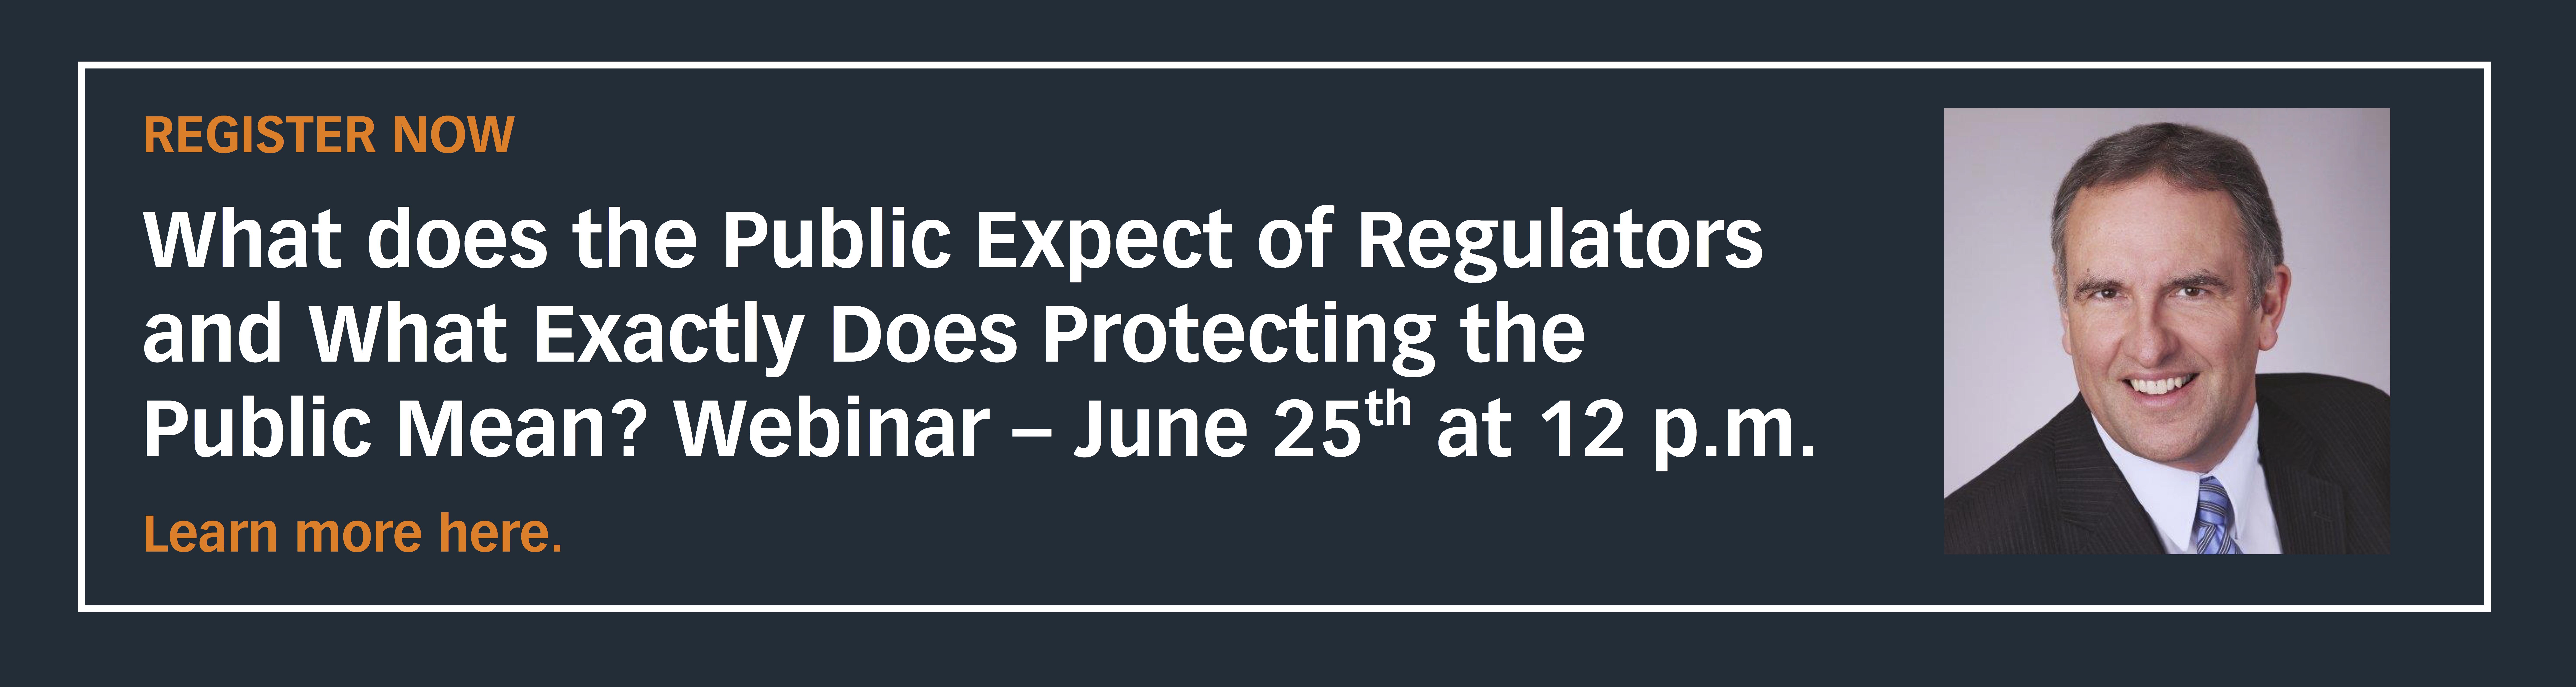 Public Expect of Regulators